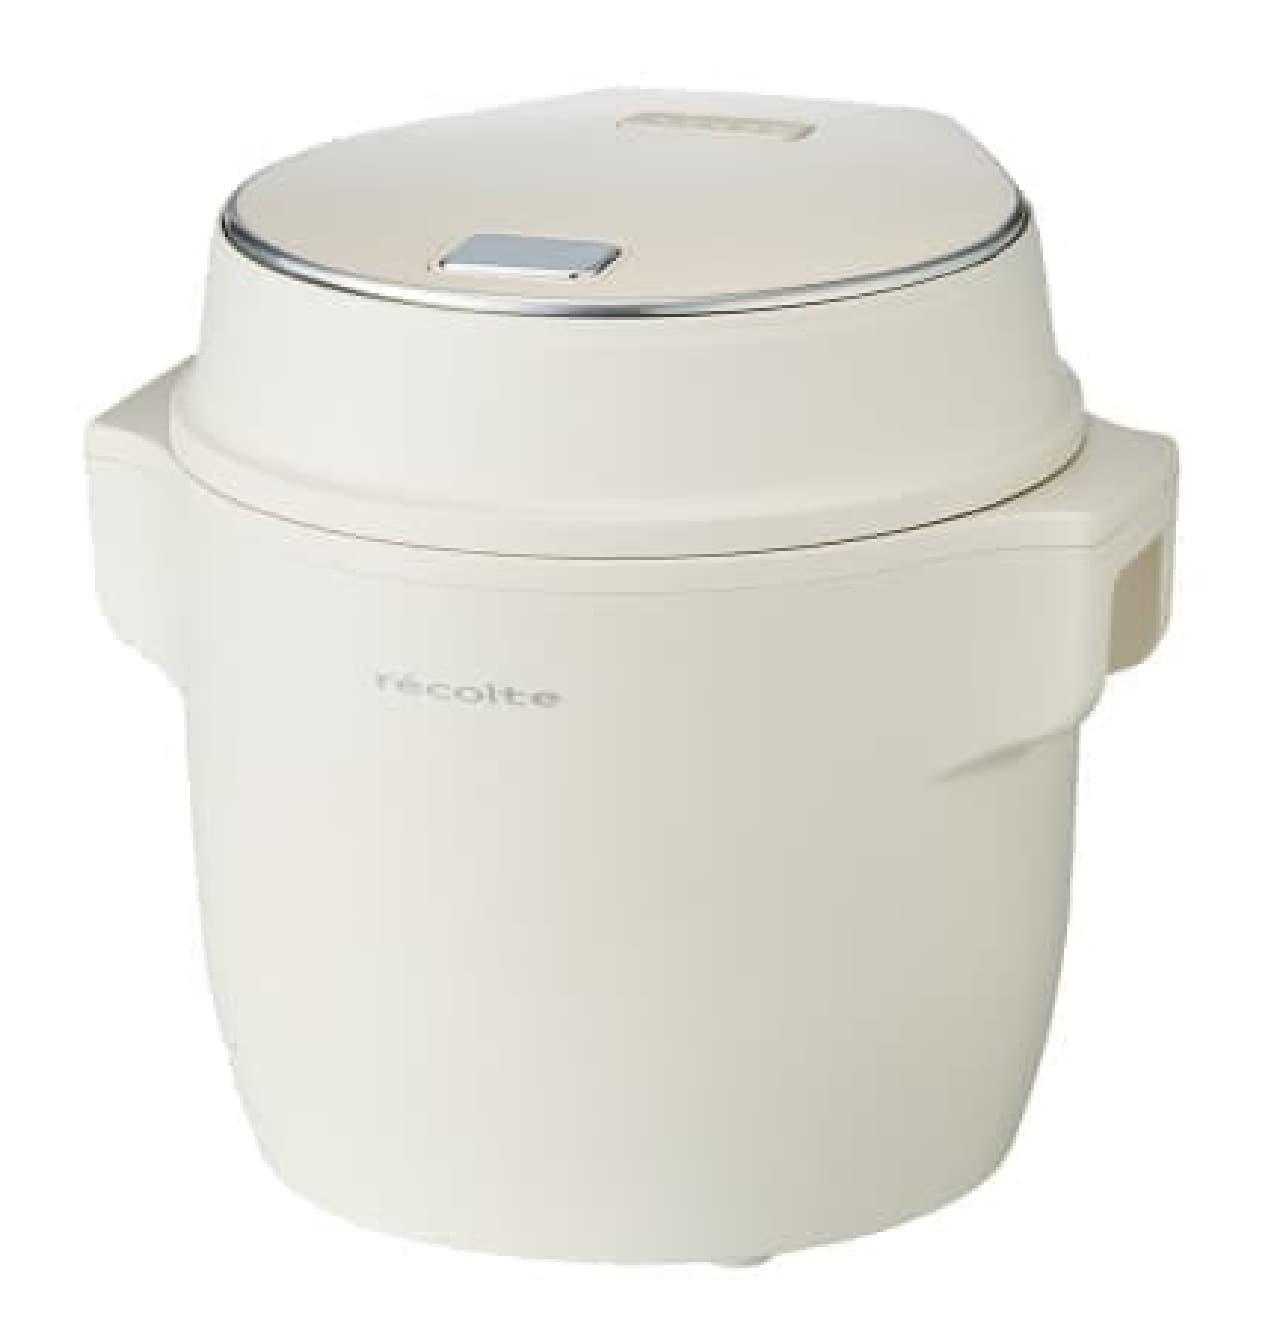 2.5合炊きのおしゃれな炊飯器が「レコルト」から--鶏ハムやローストビーフ、パンも作れる